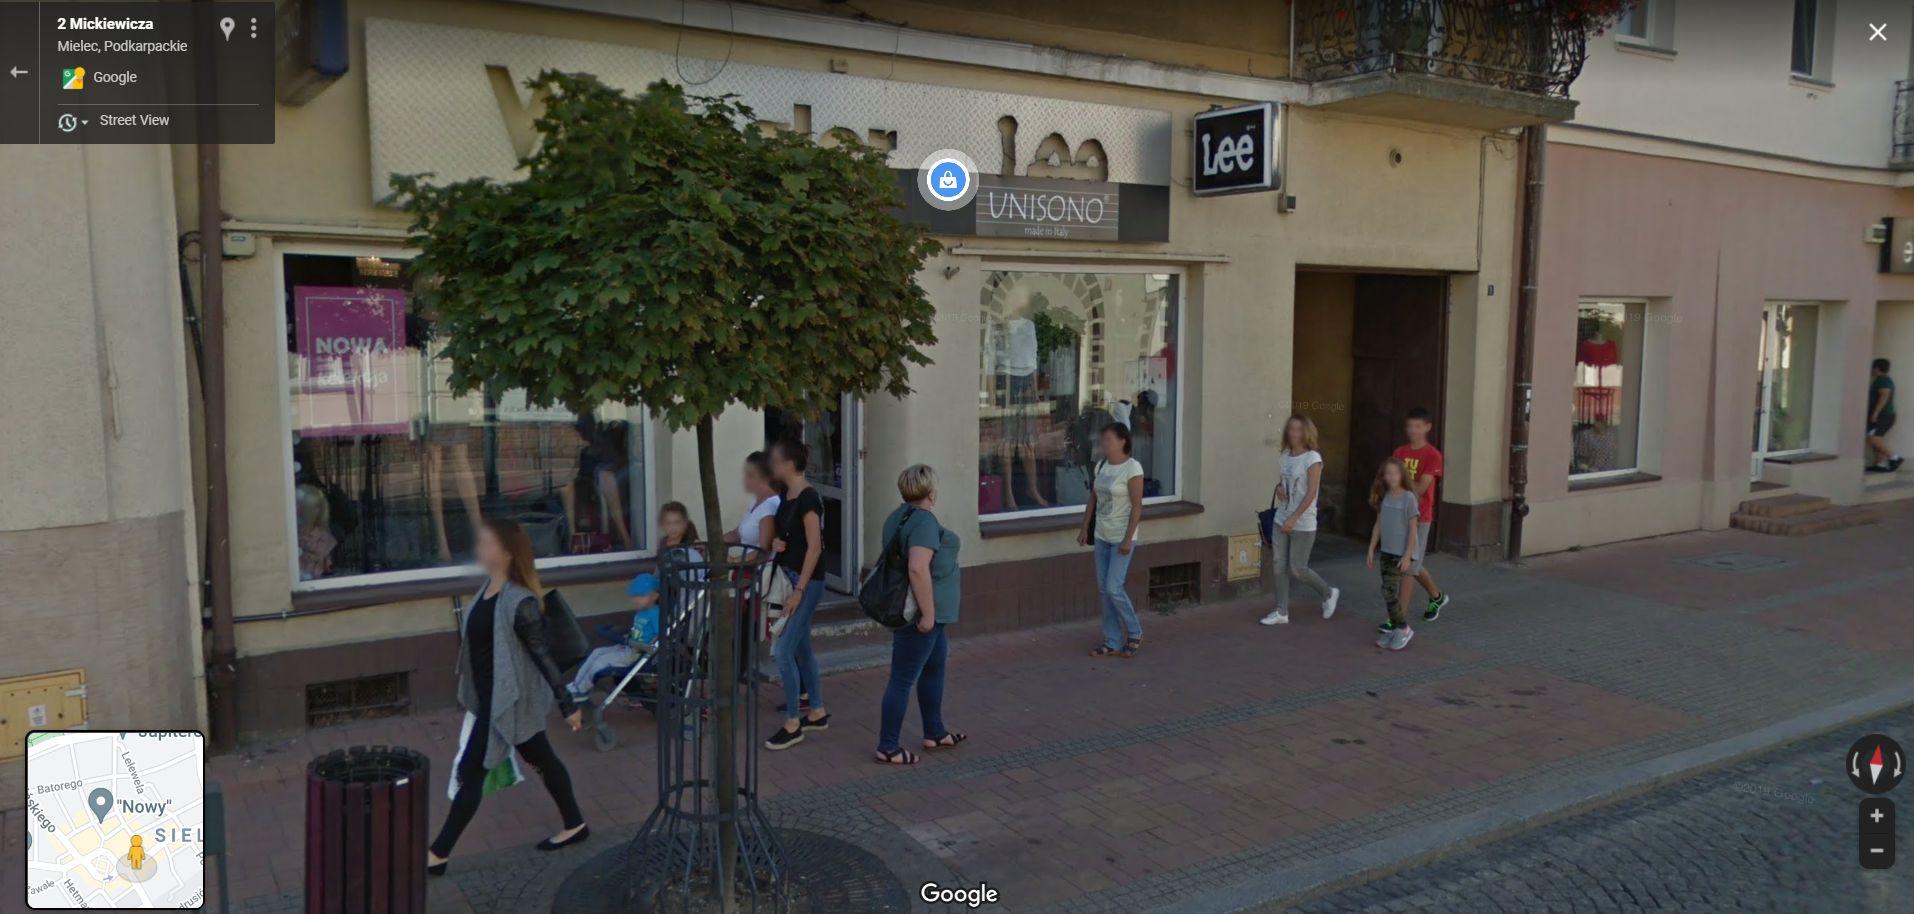 Przyłapani przez kamerę Google Street View. Zobacz zdjęcia z Mielca - Zdjęcie główne